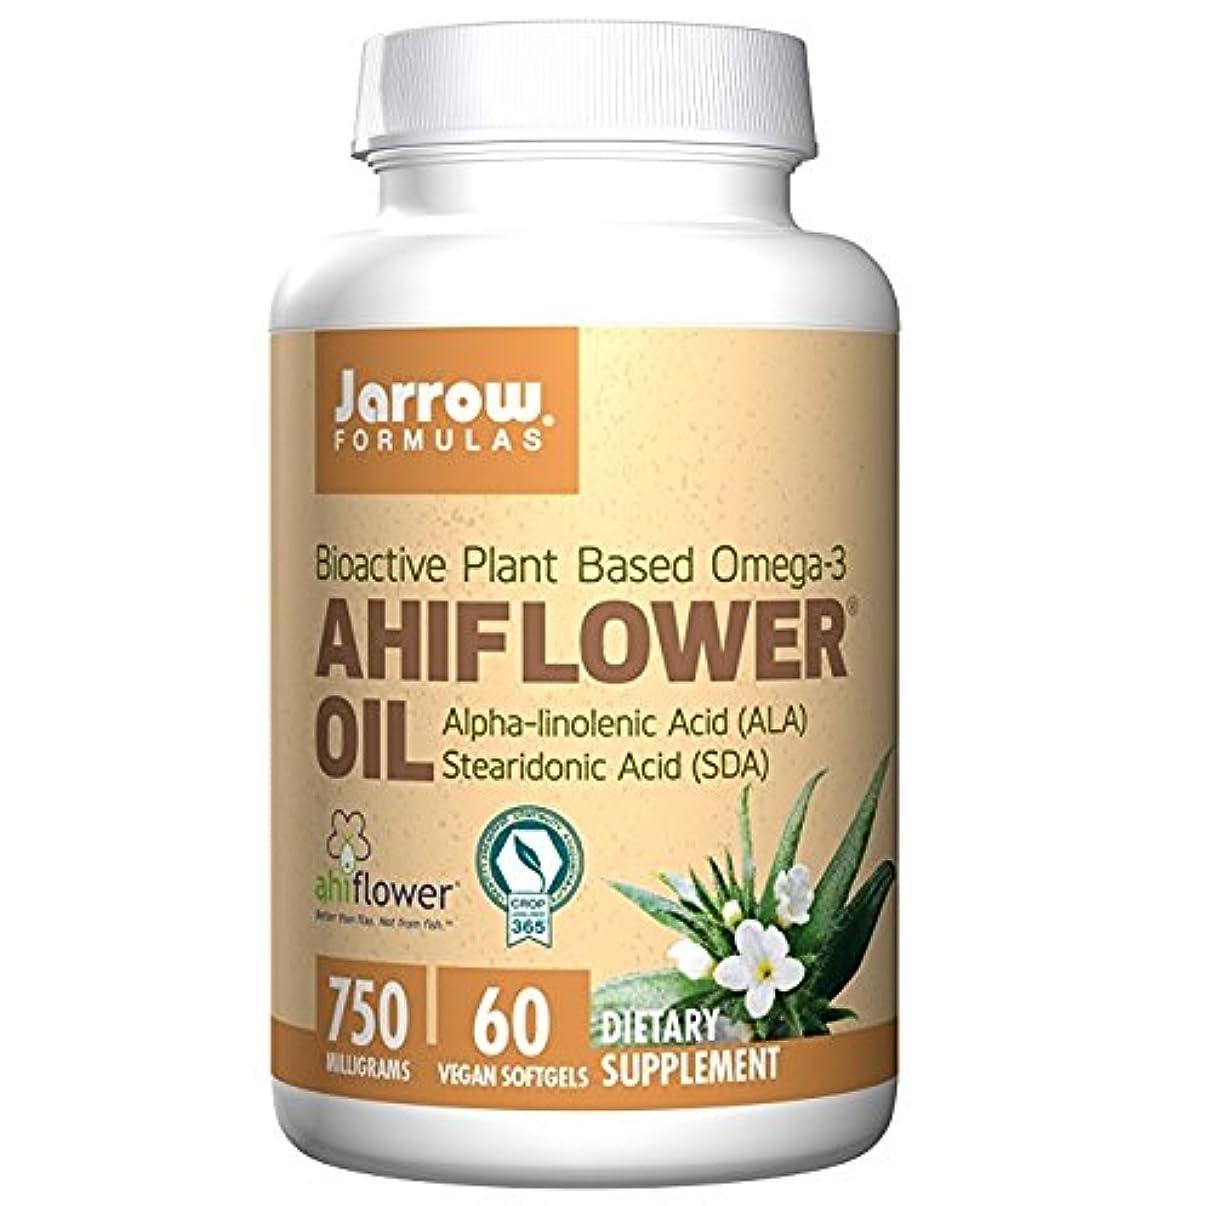 雑草スチール【海外直送品】Jarrow Formulas - Ahiflower Oil - 60ソフトジェル アヒフラワー